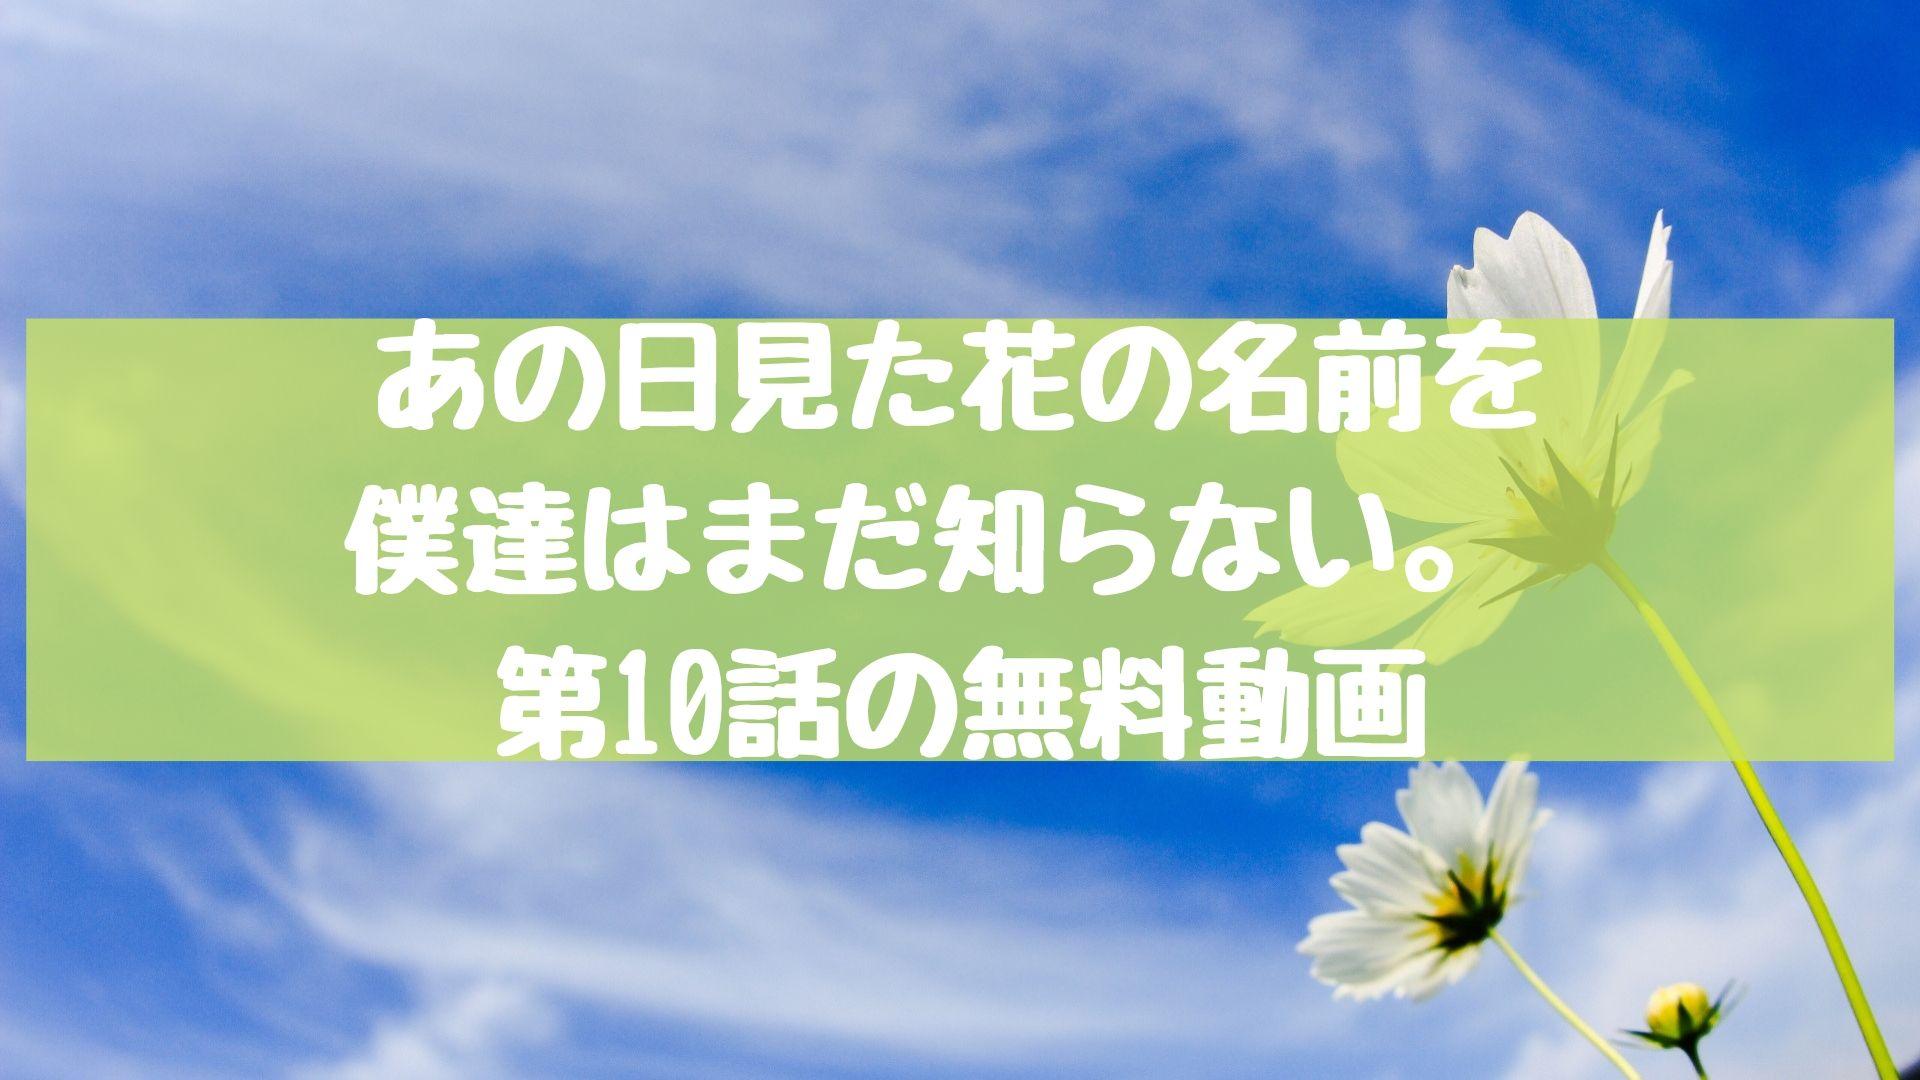 あの日見た花の名前を僕達はまだ知らない。 第10話の無料動画